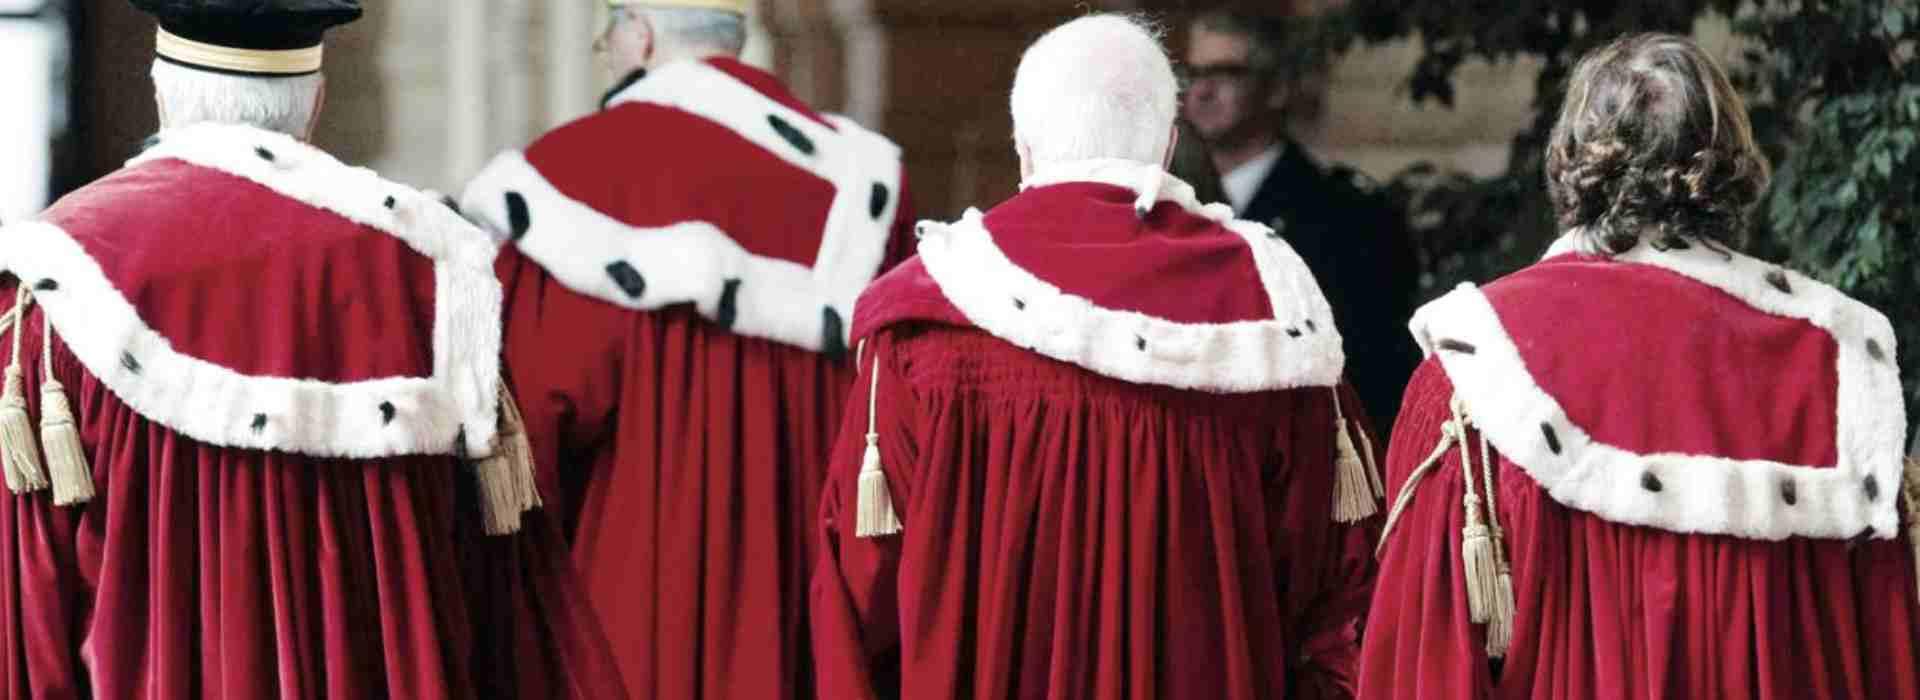 La famiglia Filocamo: figli, mogli e mariti tutti in magistratura. Il potere giudiziario calabrese